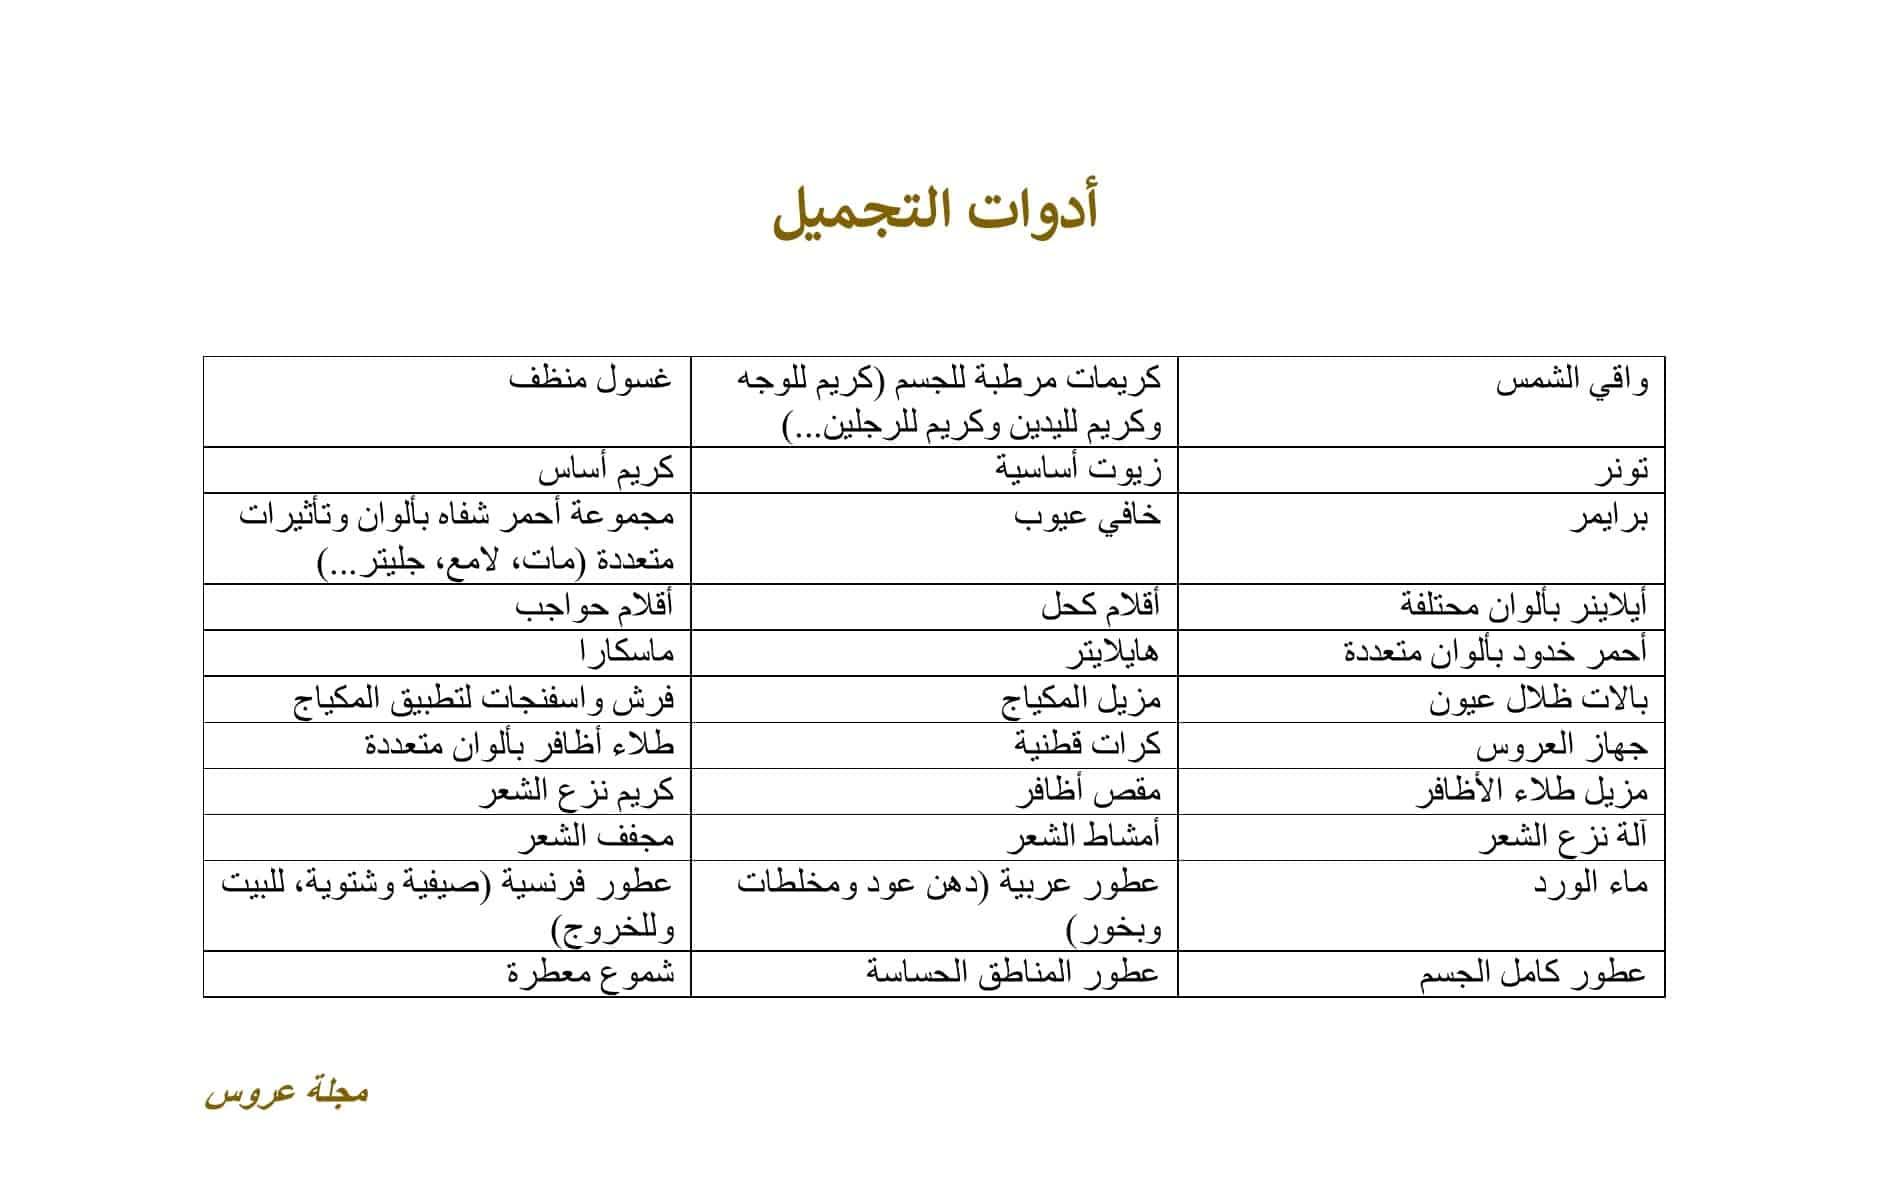 قائمة أدوات التجميل في جهاز العروس